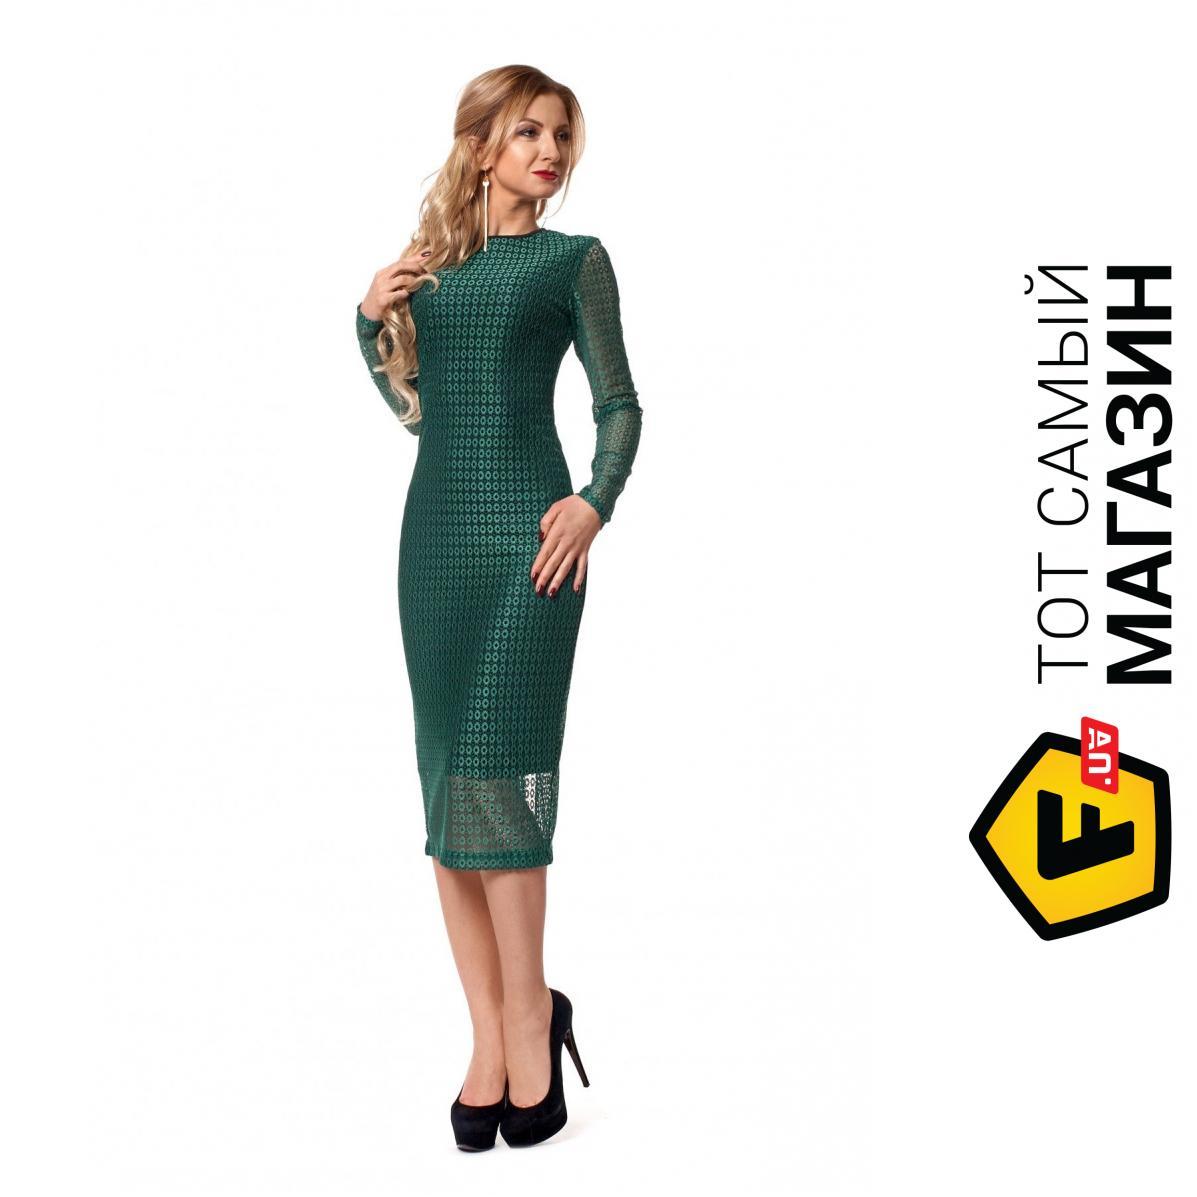 2104775b162d586 Sl Fashion Стильное вечернее платье из кружева бутылочный, размер 42-44  (384526_42-